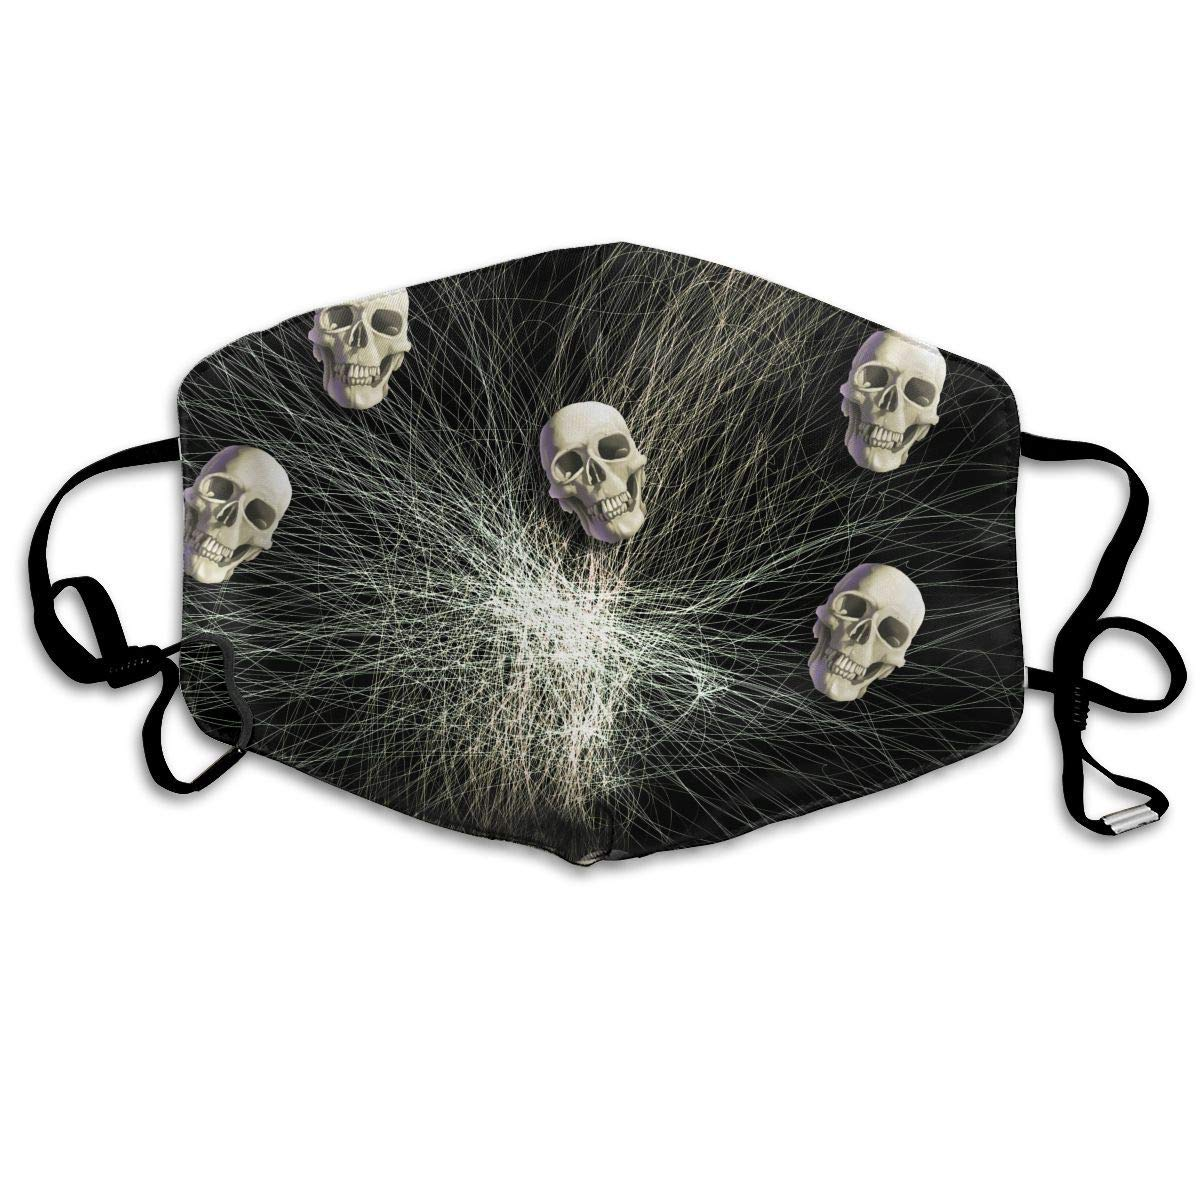 Daawqee Máscara de Boca, Antipolvo Cubierta de Boca Skull Print Reusable Washable Earloop Máscara de Boca for Men Women